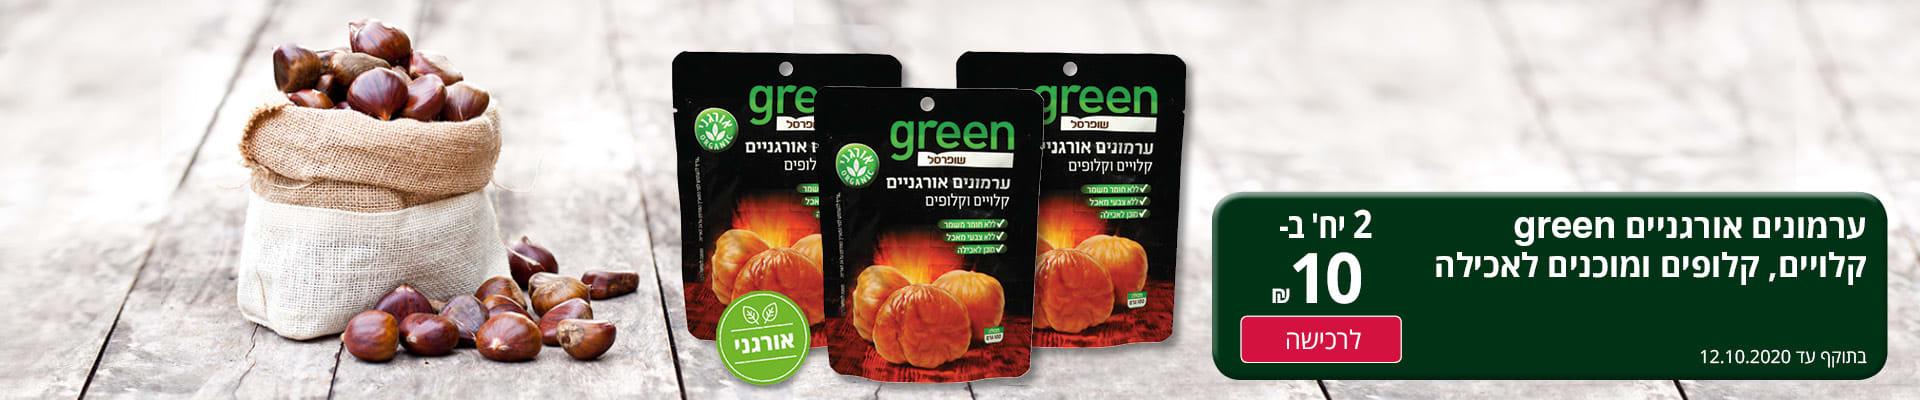 ערמונים אורגניים green קלויים, קלופים ומוכנים לאכילה 2 יחידות ב- 10 ₪. בתוקף עד 12.10.2020